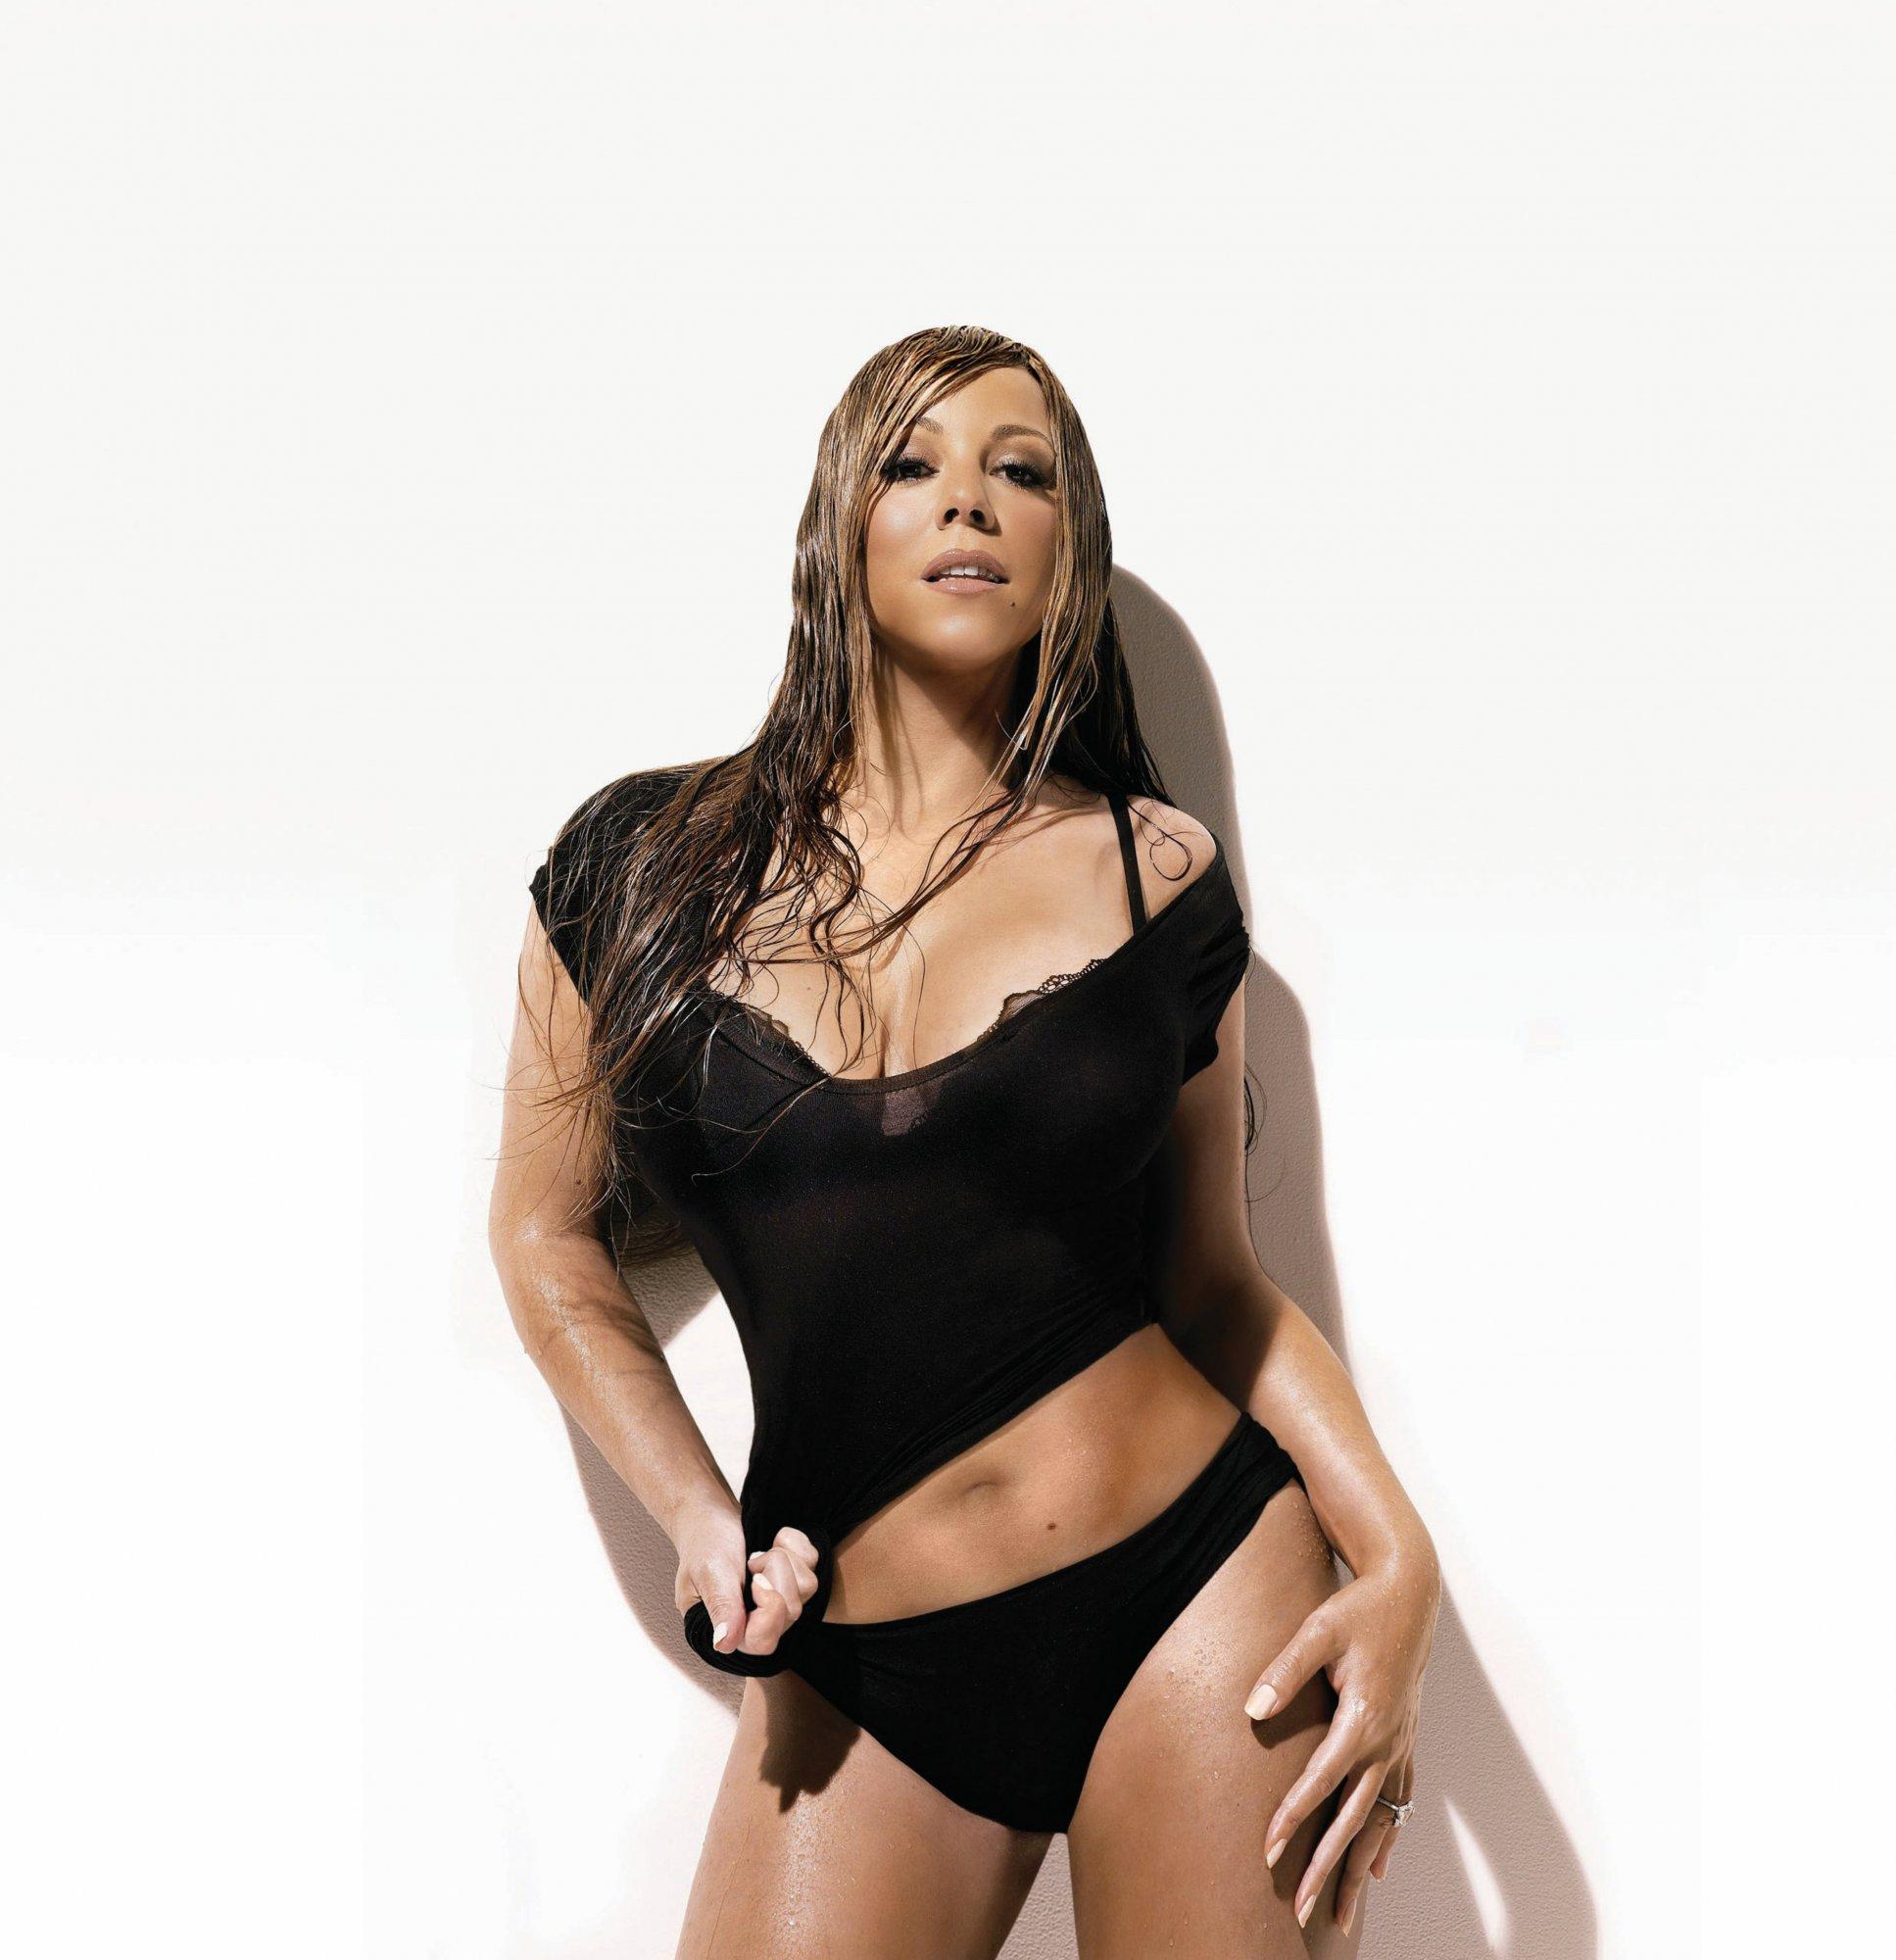 MariahCarey News Mariah carey hot photo shoot